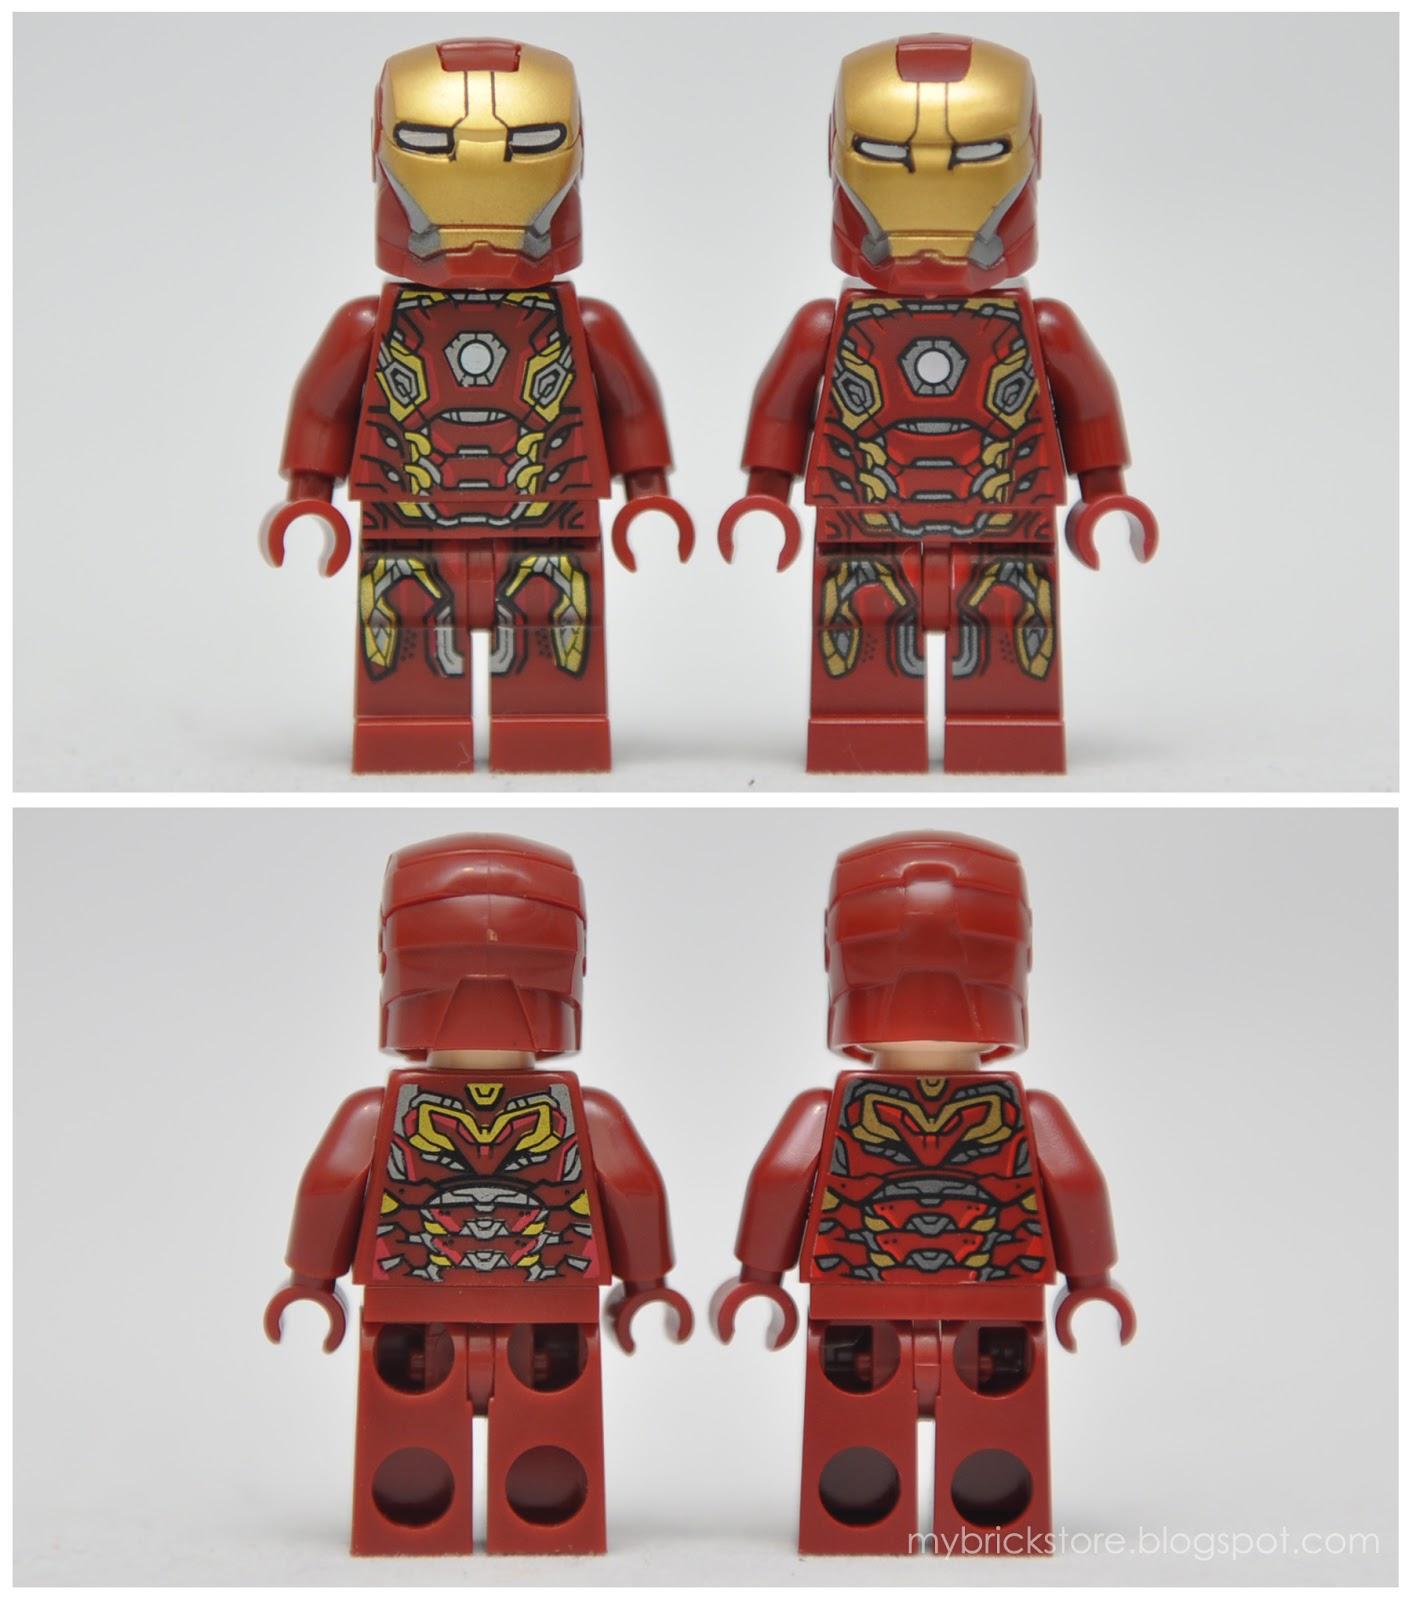 Lego Iron Man Mark 43 My Brick Store: SY213A...